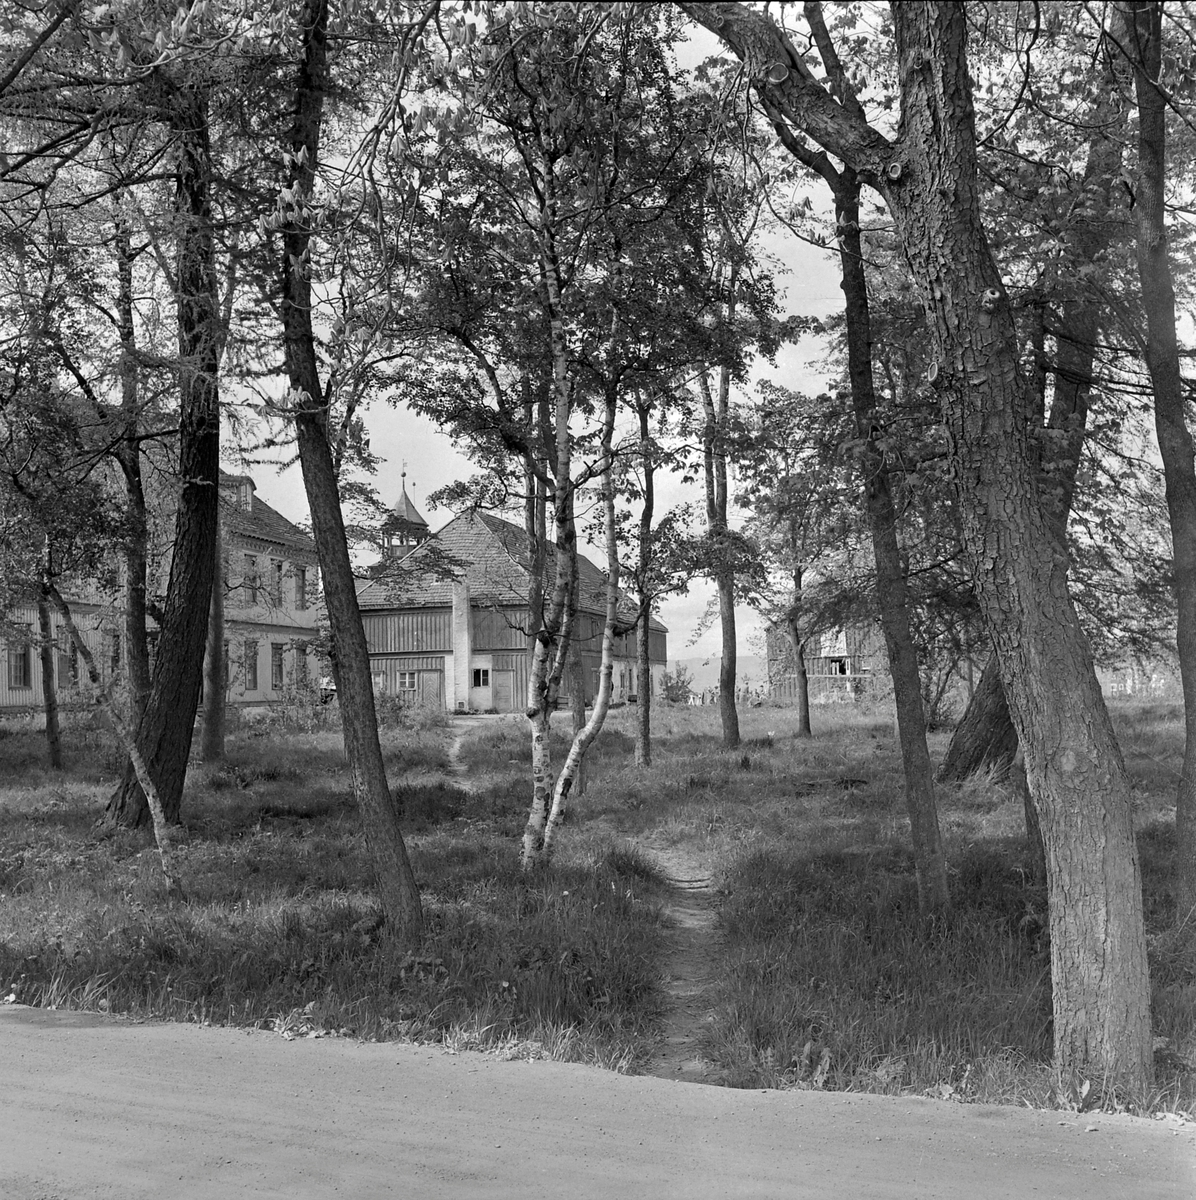 Lade gård, gårdsanlegg/skolebygning